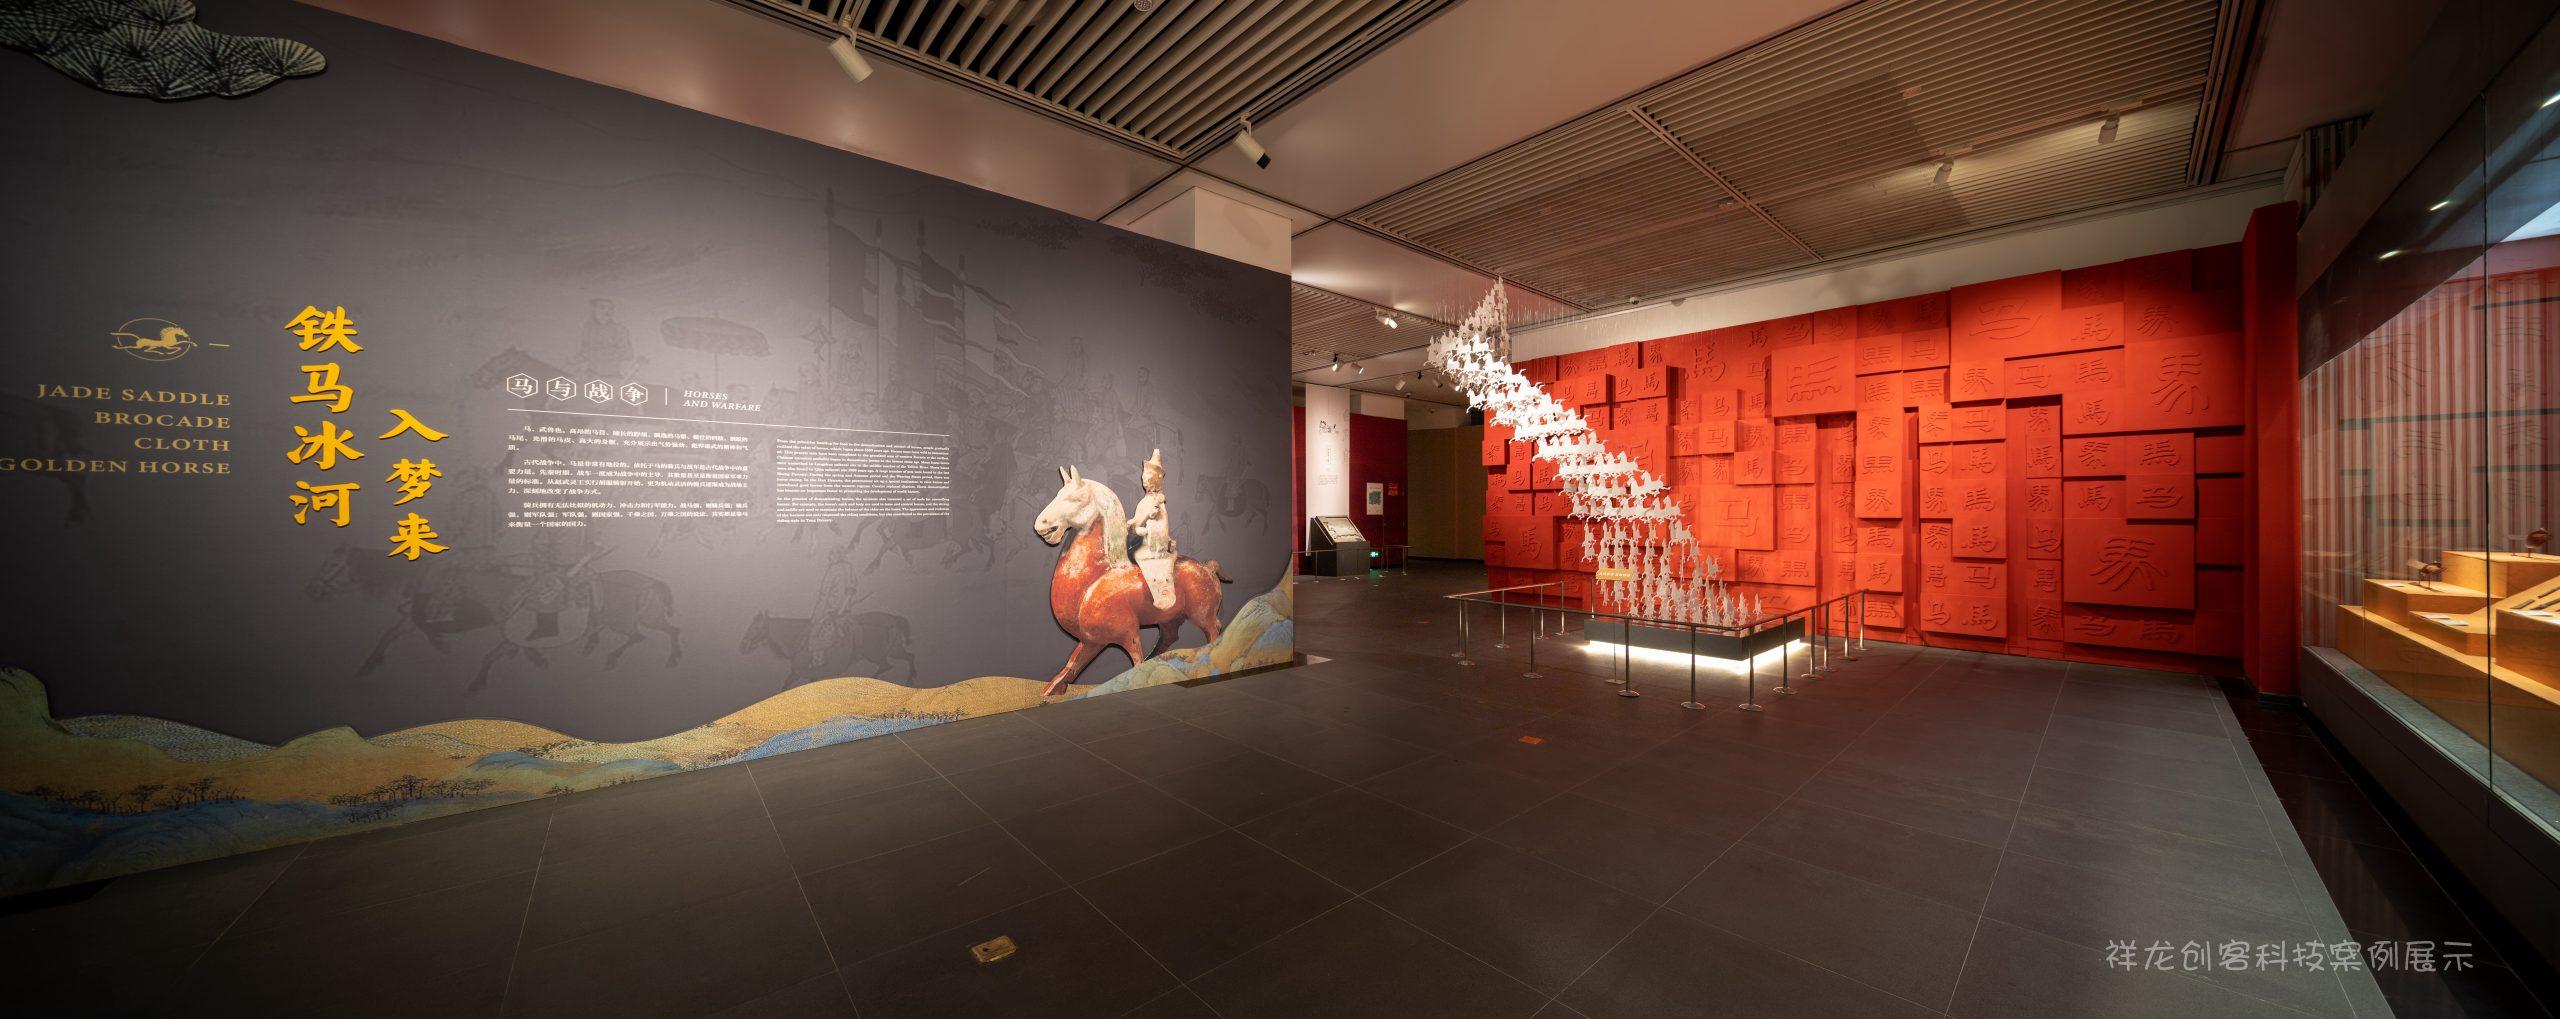 贵州省博物馆建筑空间摄影